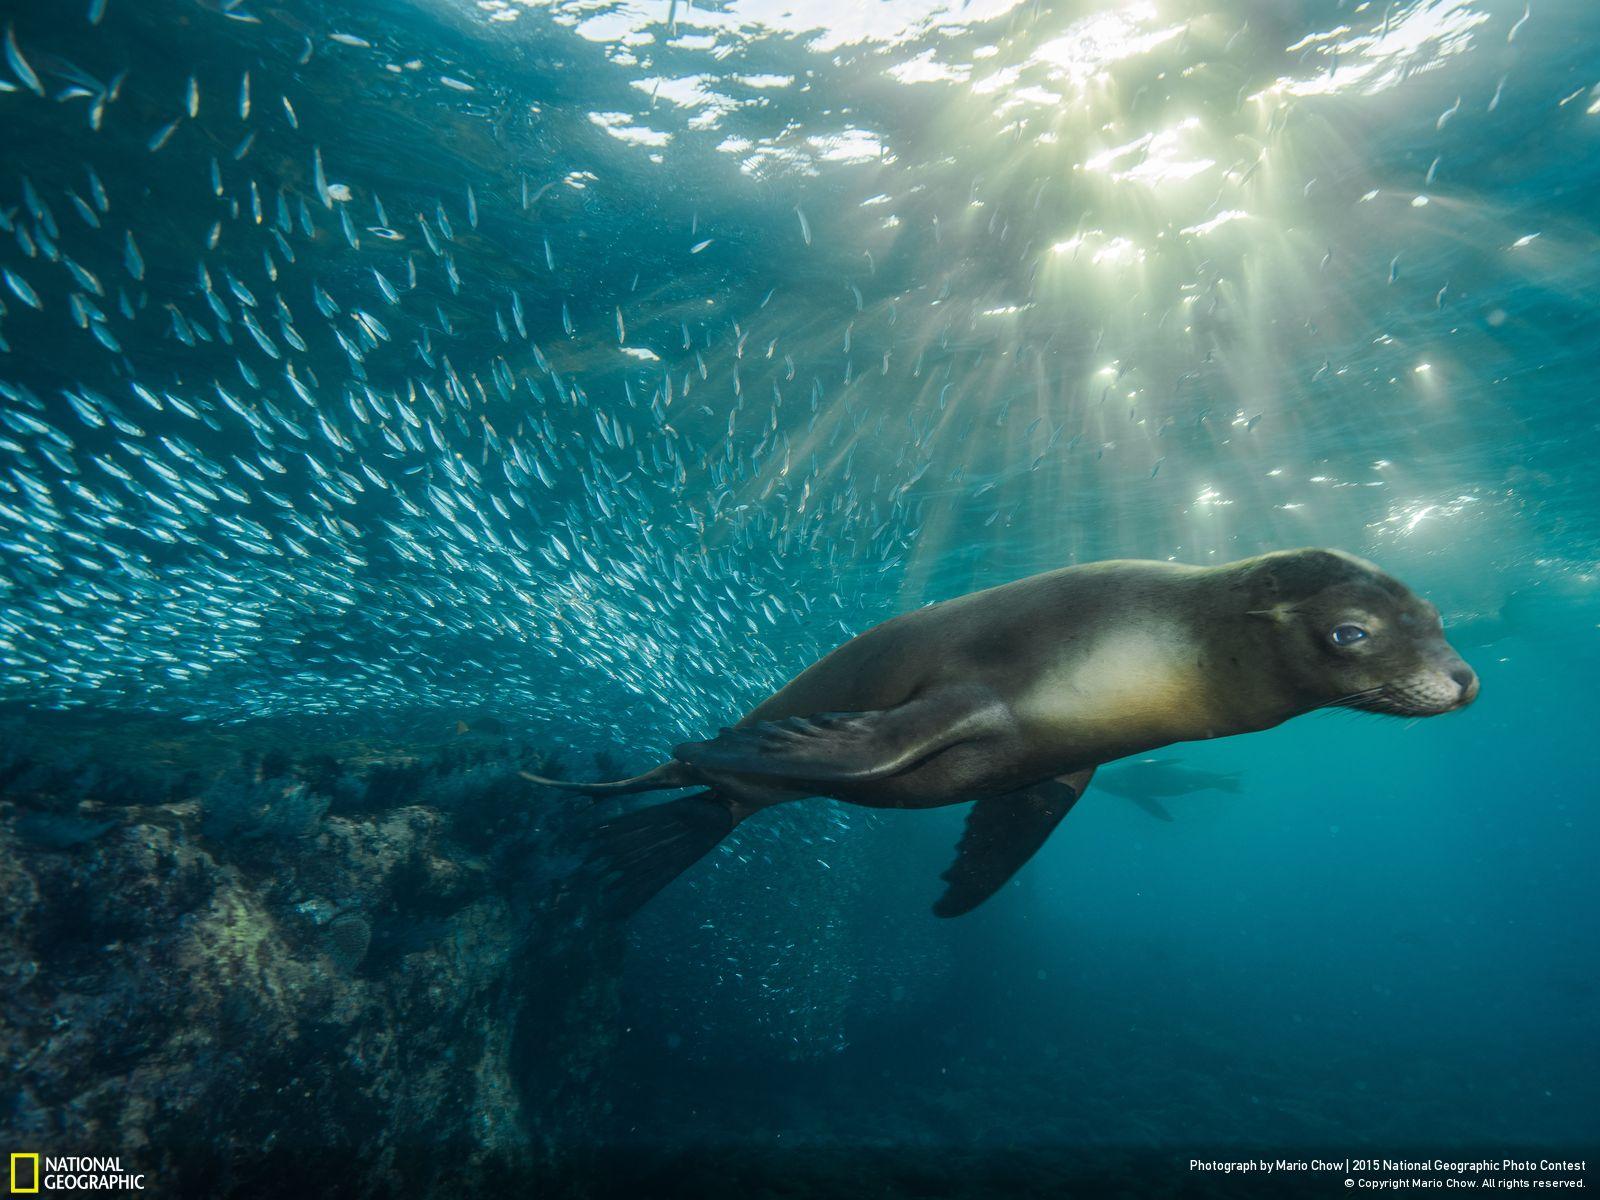 128 Подборка лучших фотографий, опубликованных журналом National Geographic в 2015 году